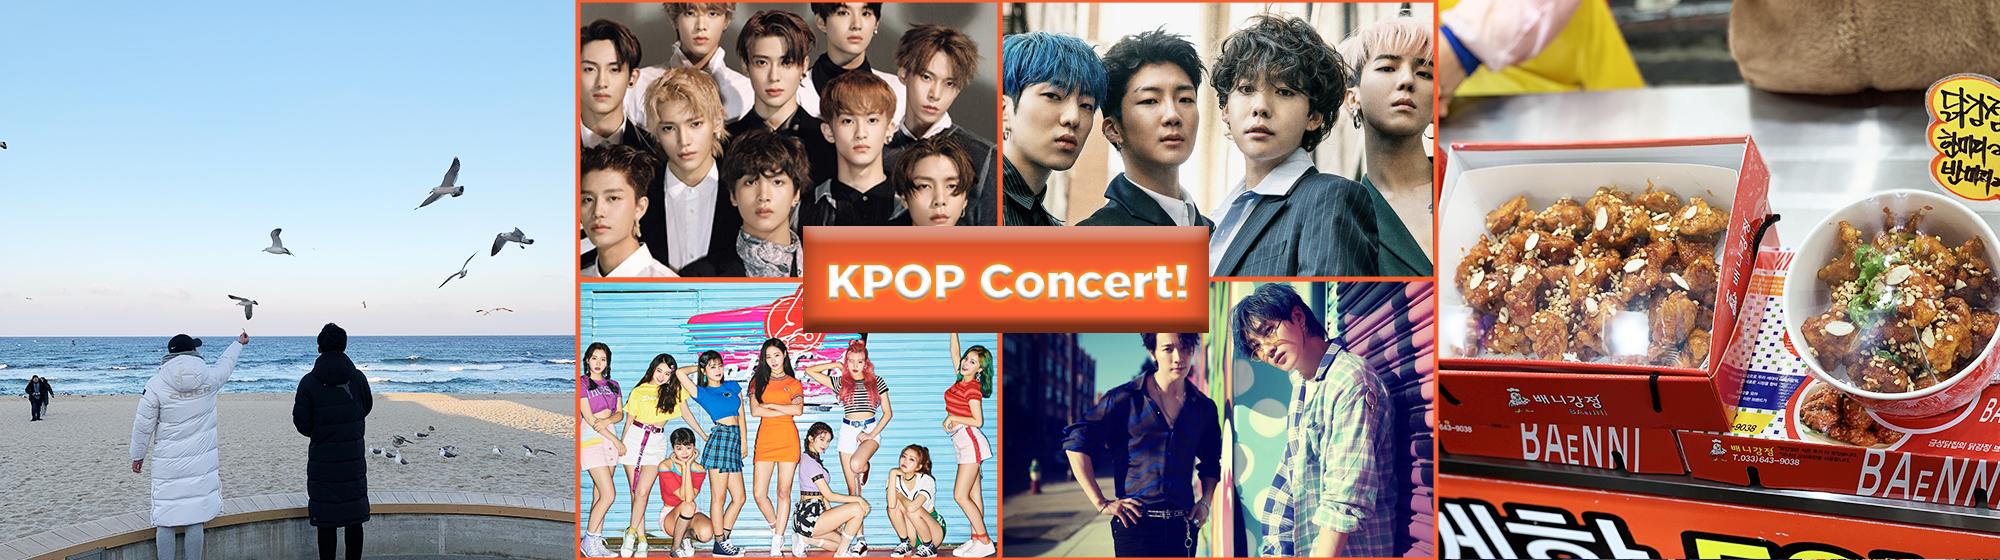 PyeongChang KPOP Concert Gangneung with best spots 1 day tour (2019 Feb  9)